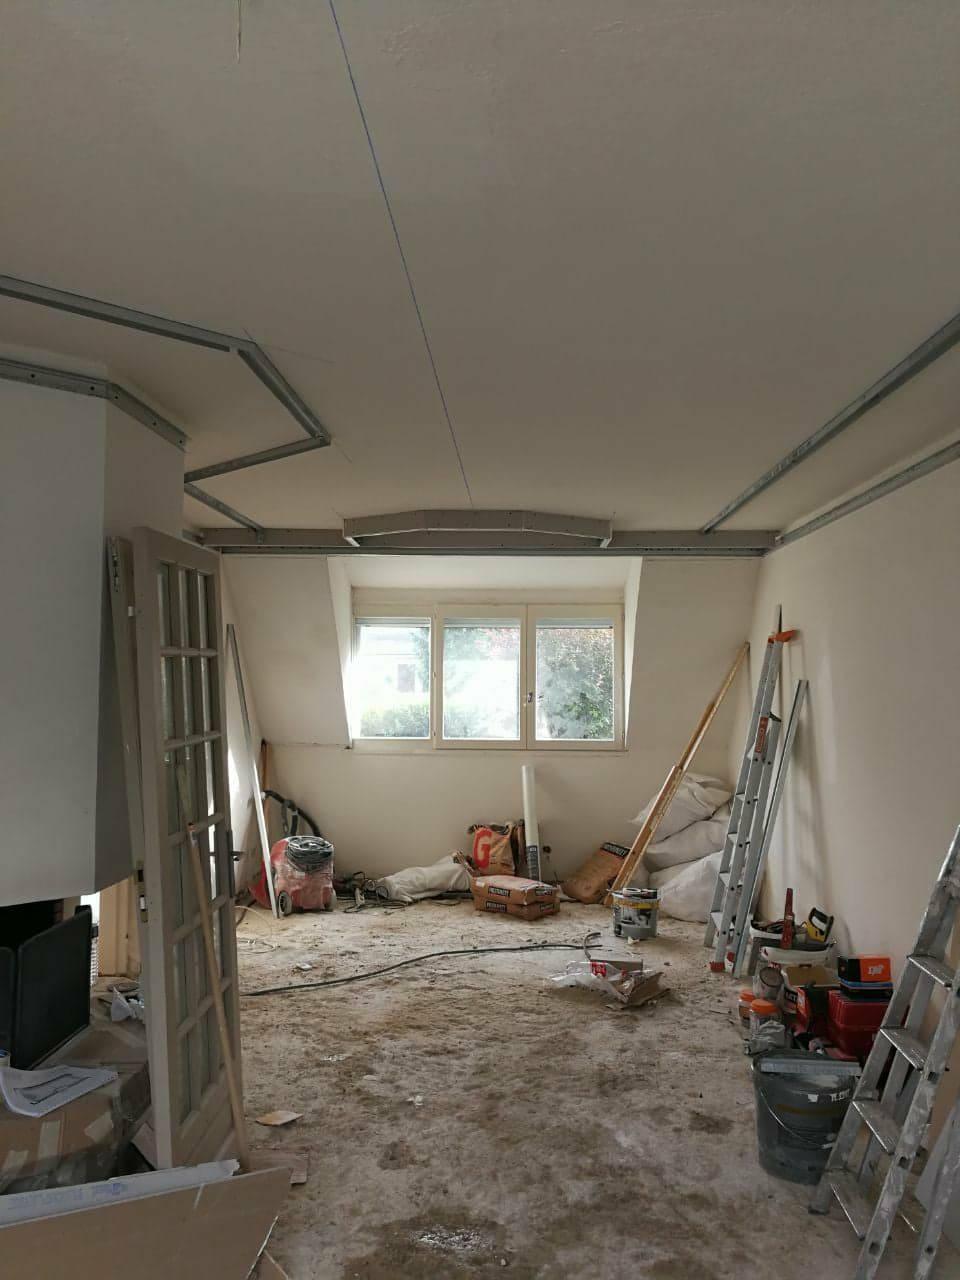 maghawry_renovation_travaux_2018_peinture_murs_wc_cuisine_escalier_toilette_carrelage_faux_plafond_cloisons_bandes_enduit_cheminee_salon9-min